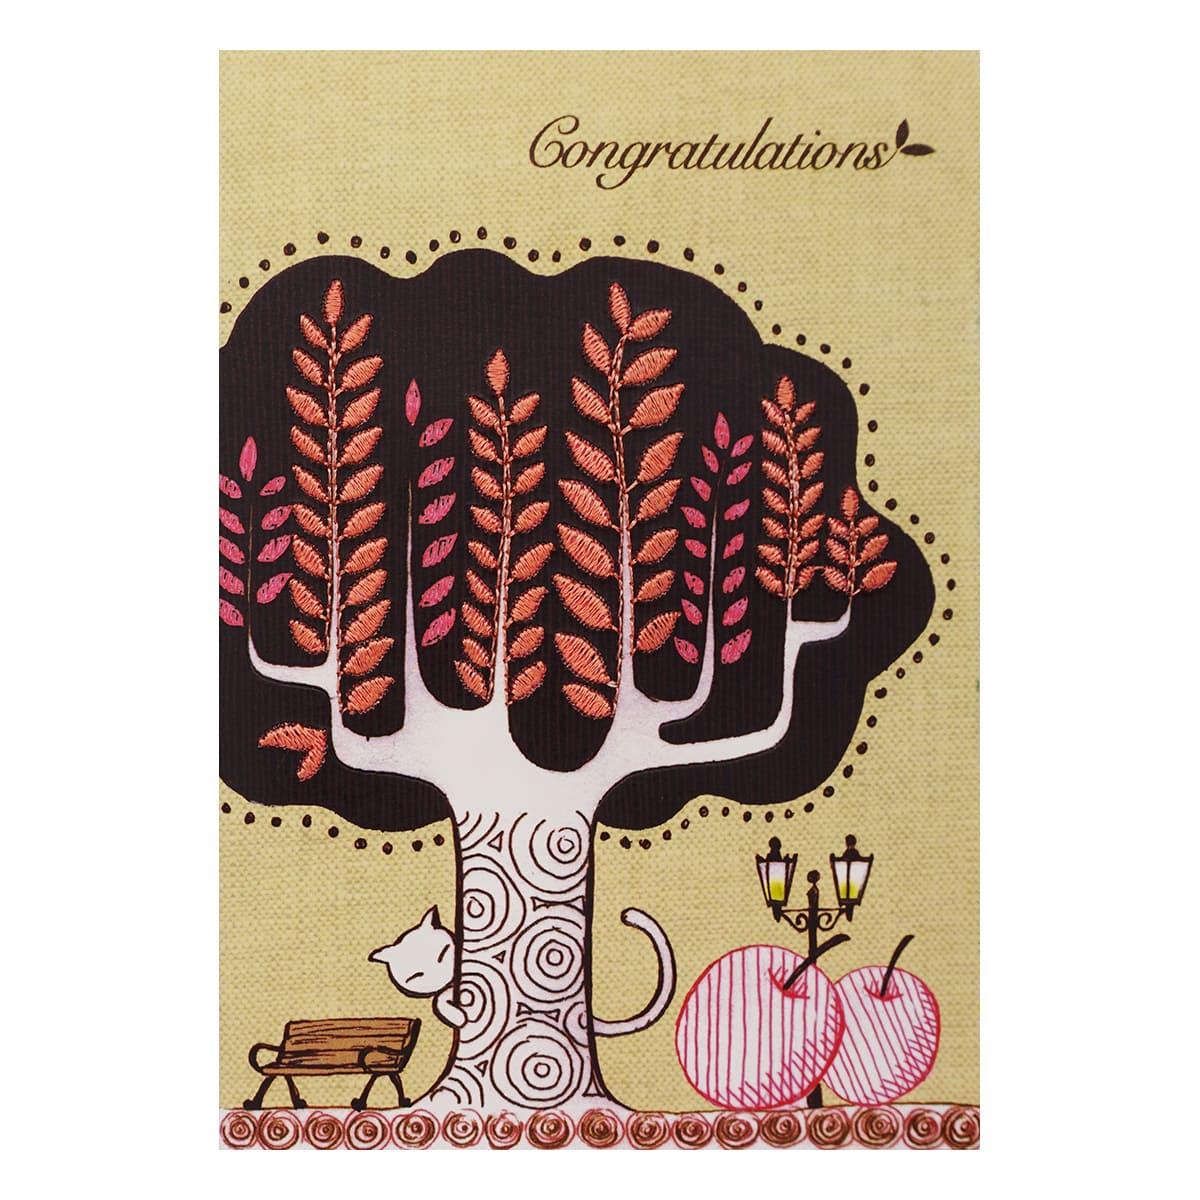 MWA06 Поздравительная открытка с вышивкой 'Congratulations', 12*17 см.(конверт в комплекте)